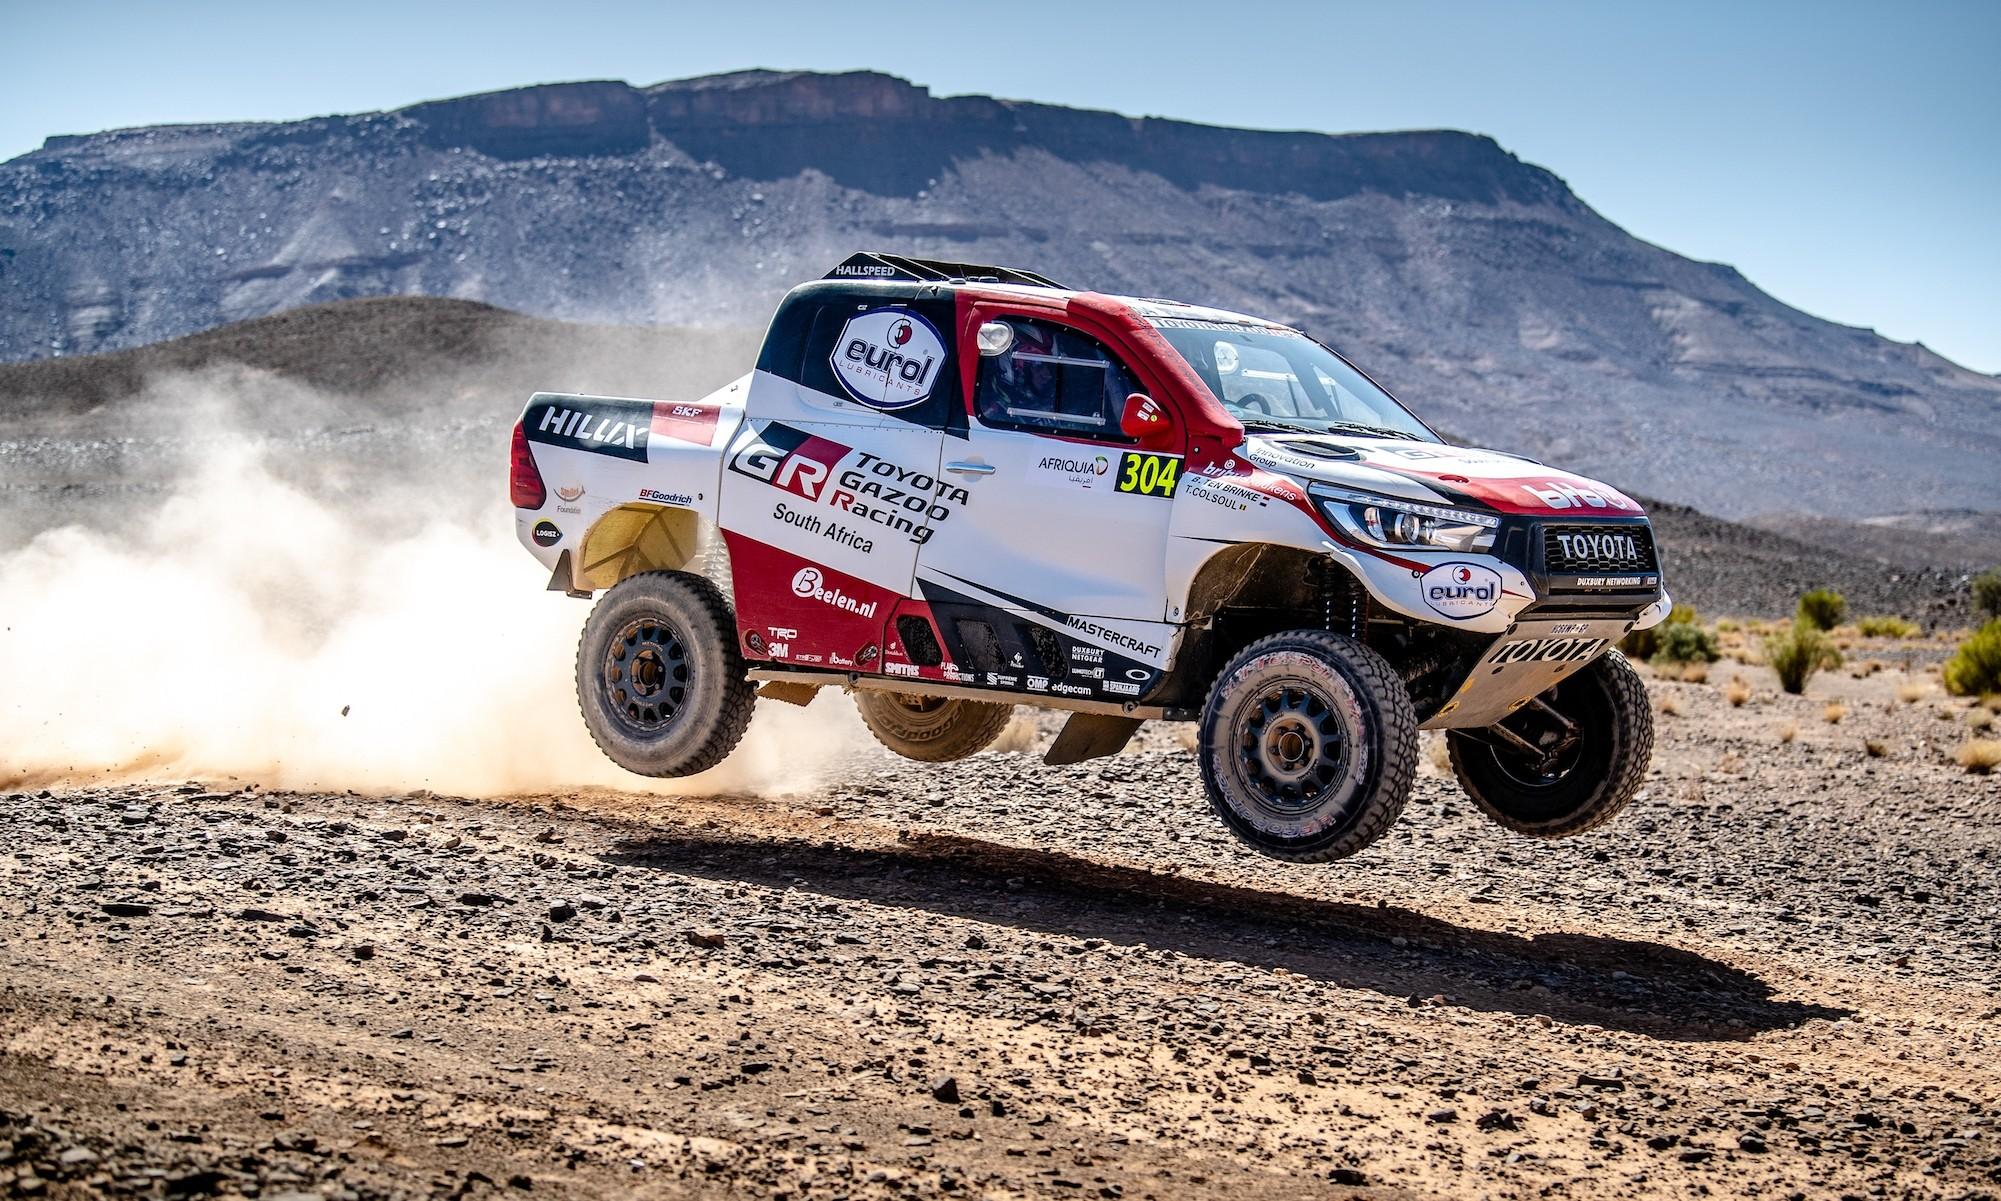 2020 Toyota Dakar Team